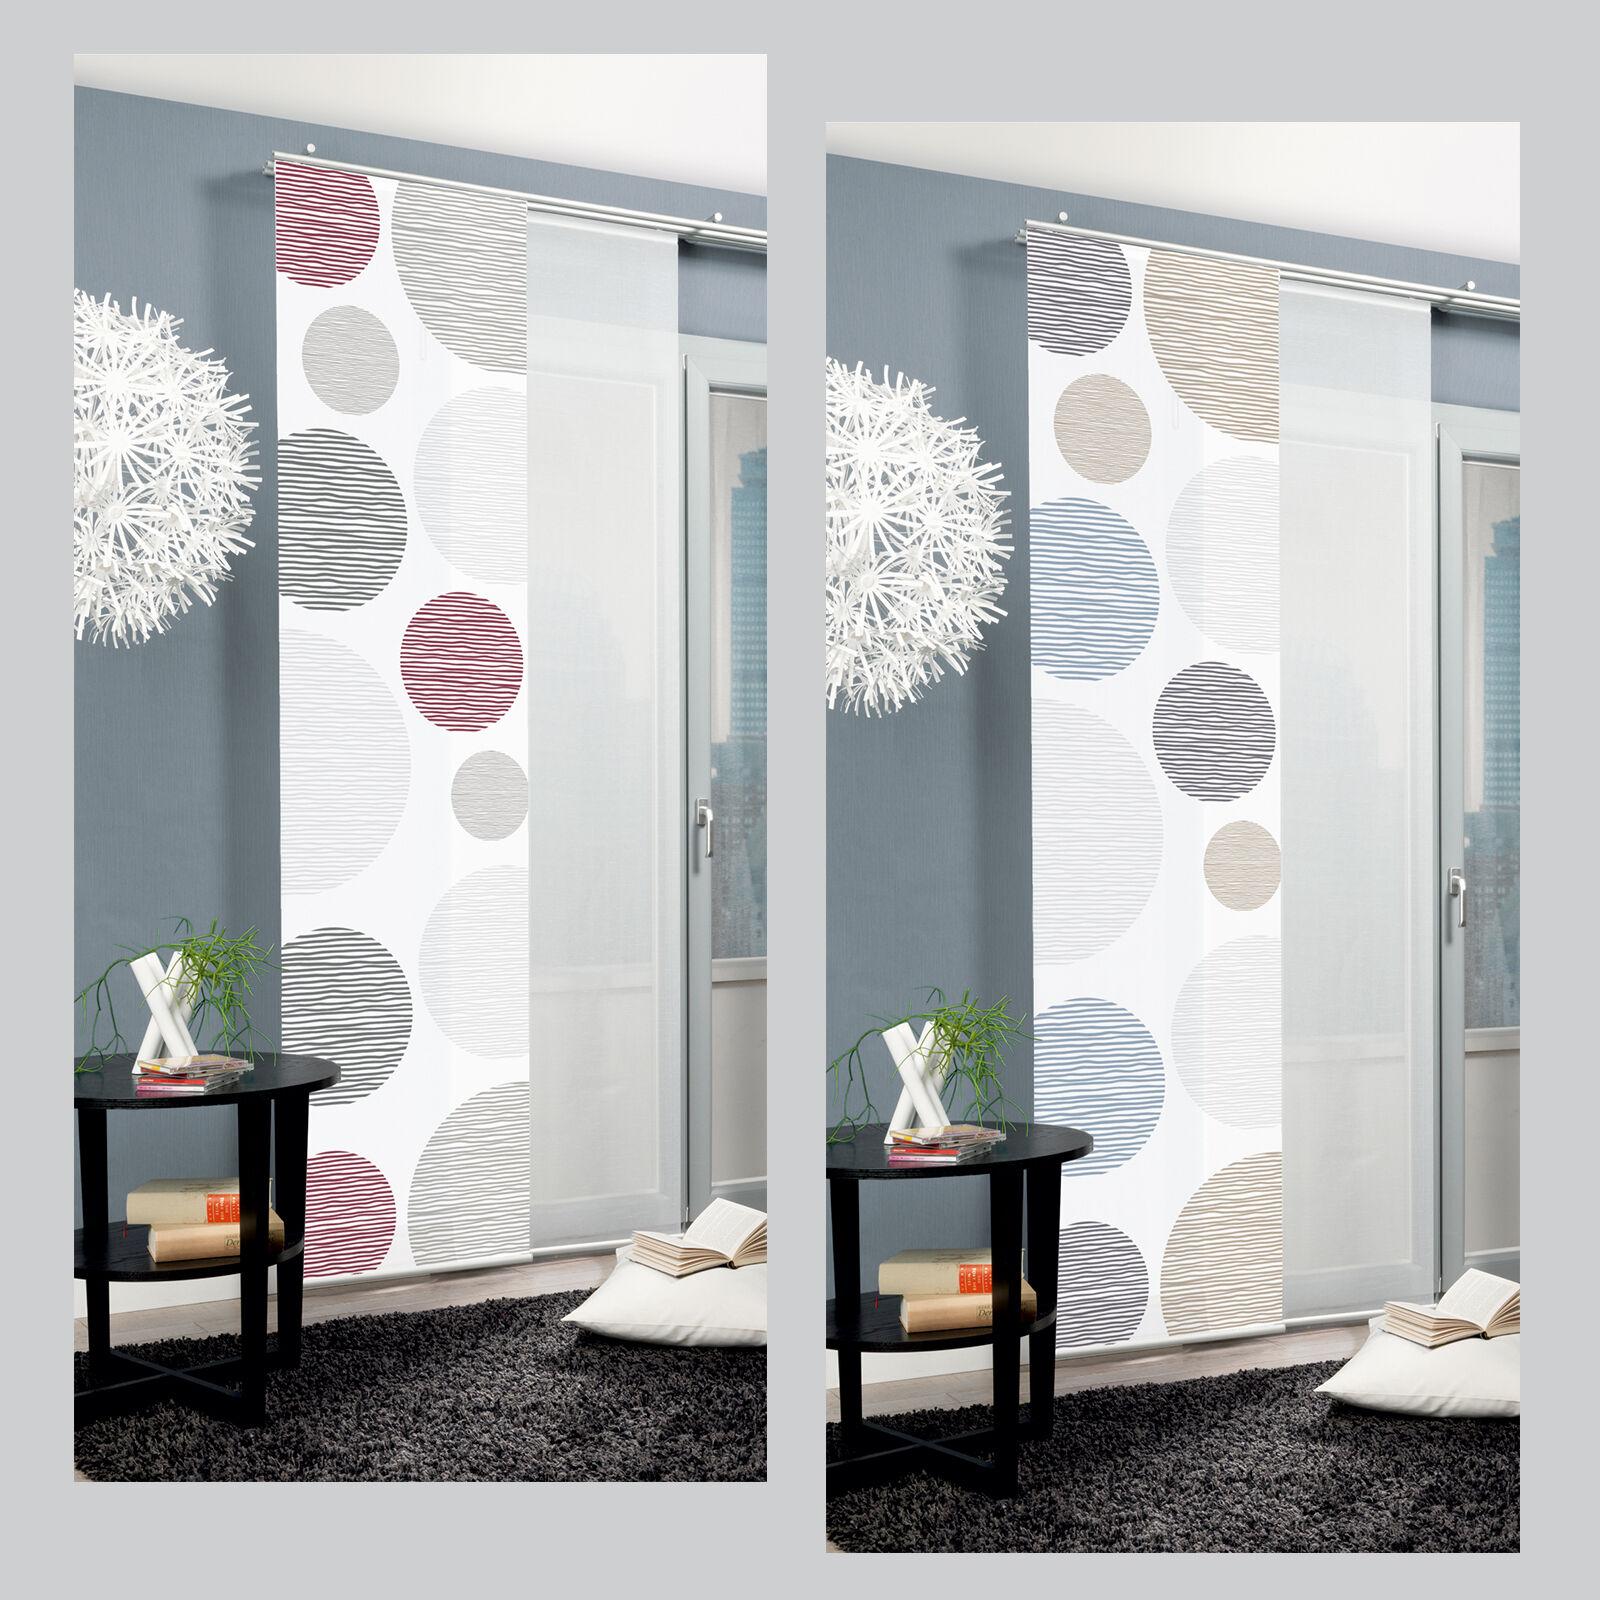 ra kreise voile scherli schiebevorhang schiebegardine raumteiler home wohnideen ebay. Black Bedroom Furniture Sets. Home Design Ideas